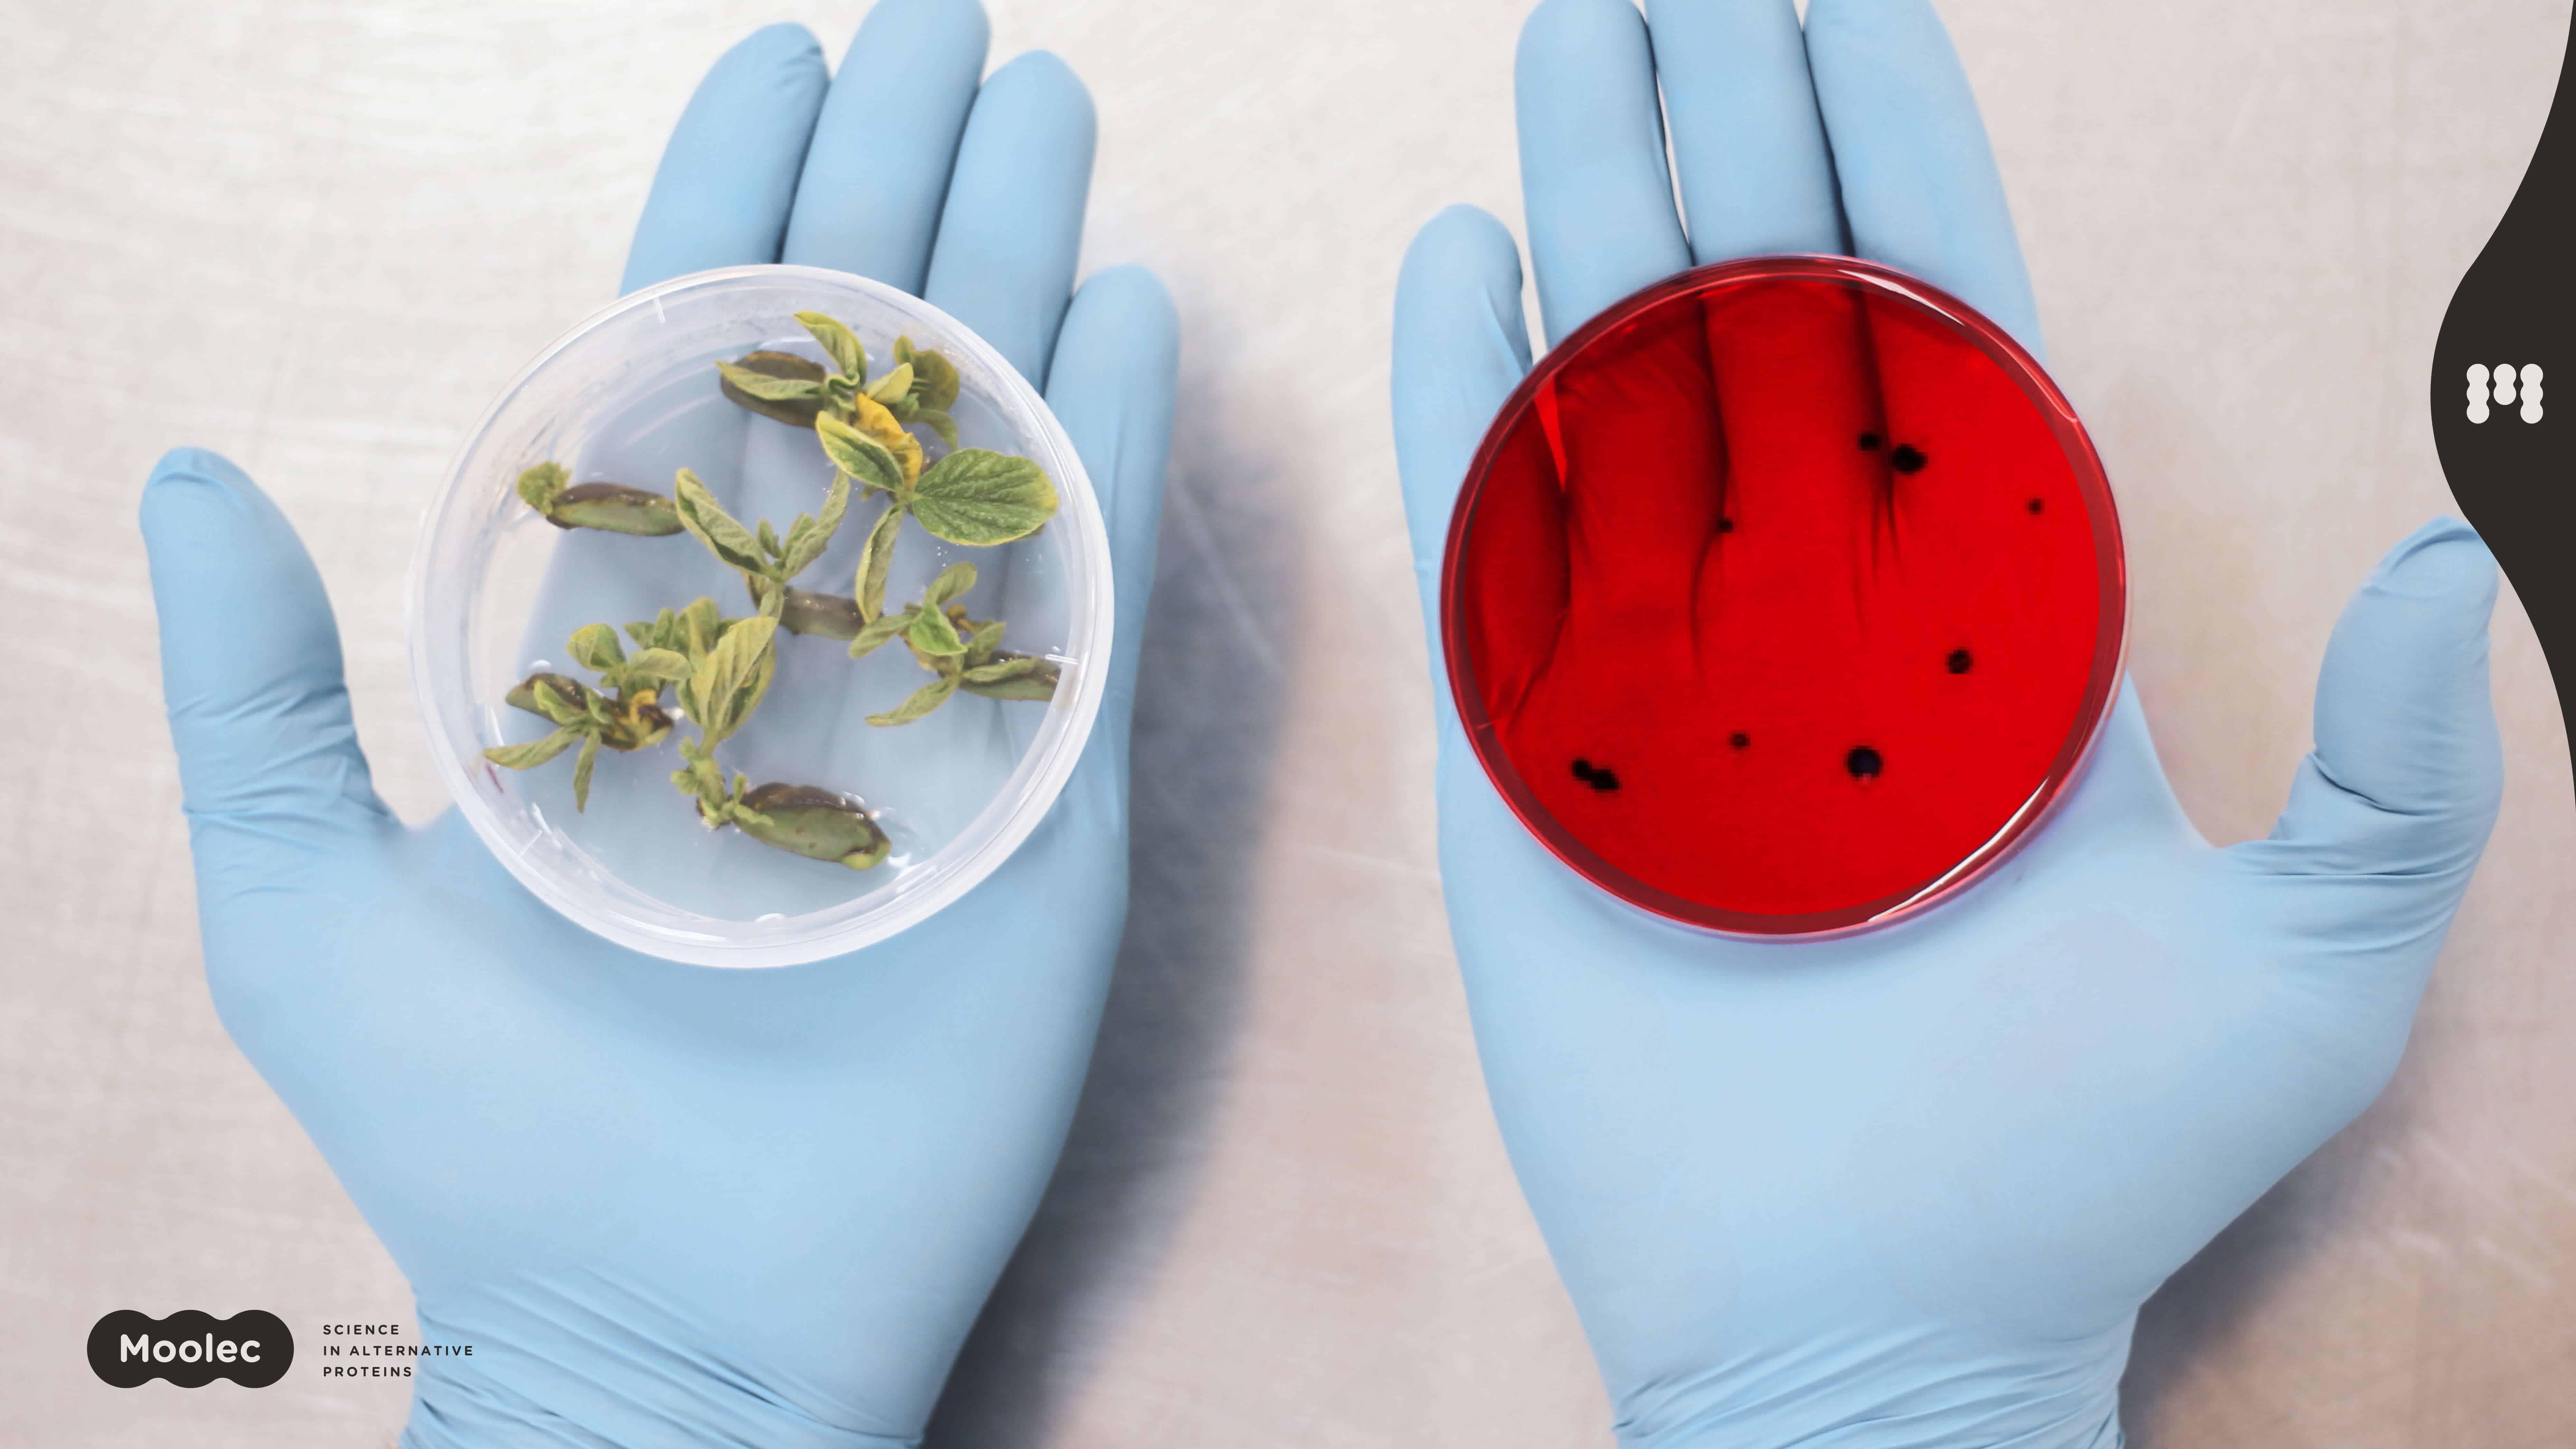 Moolec Science molecular farming